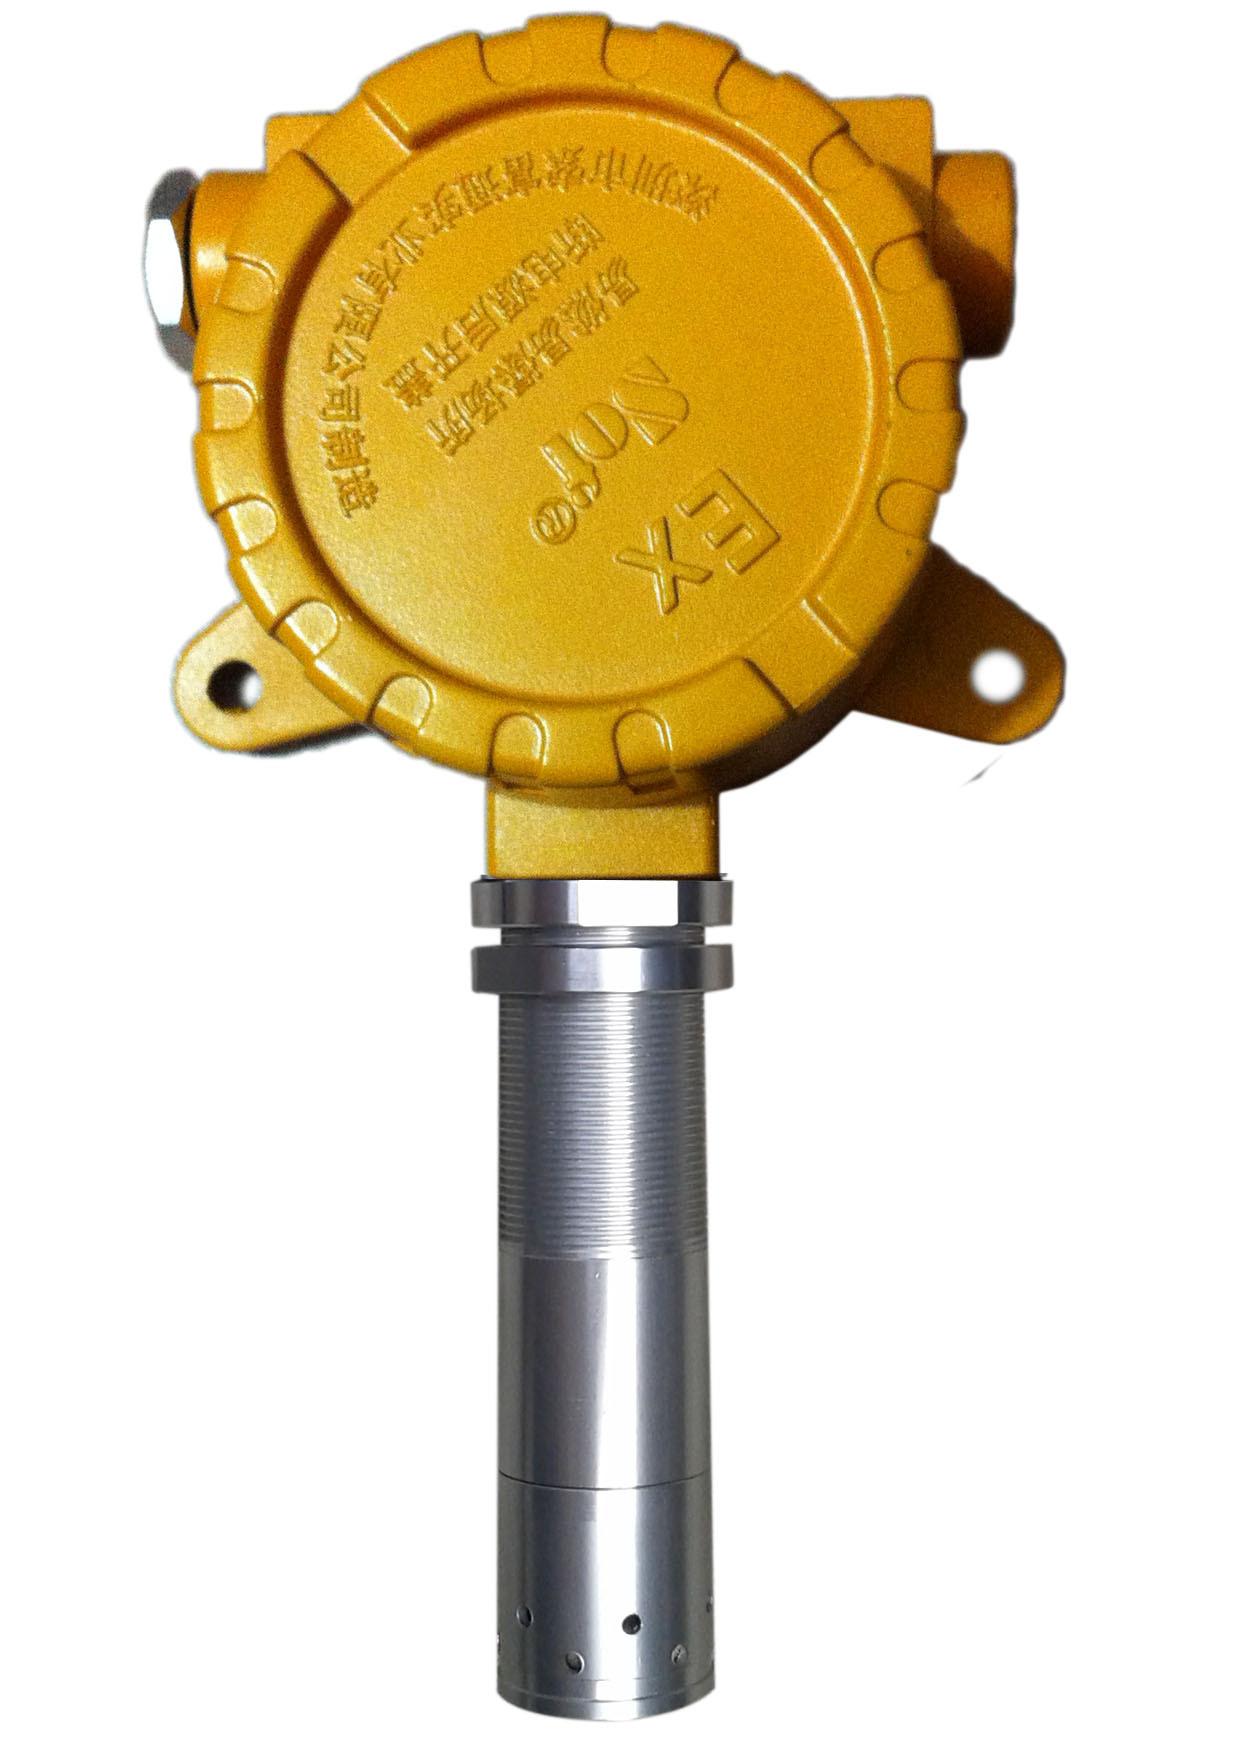 索富通SST-9801T 索富通 气体报警器 声、光报警